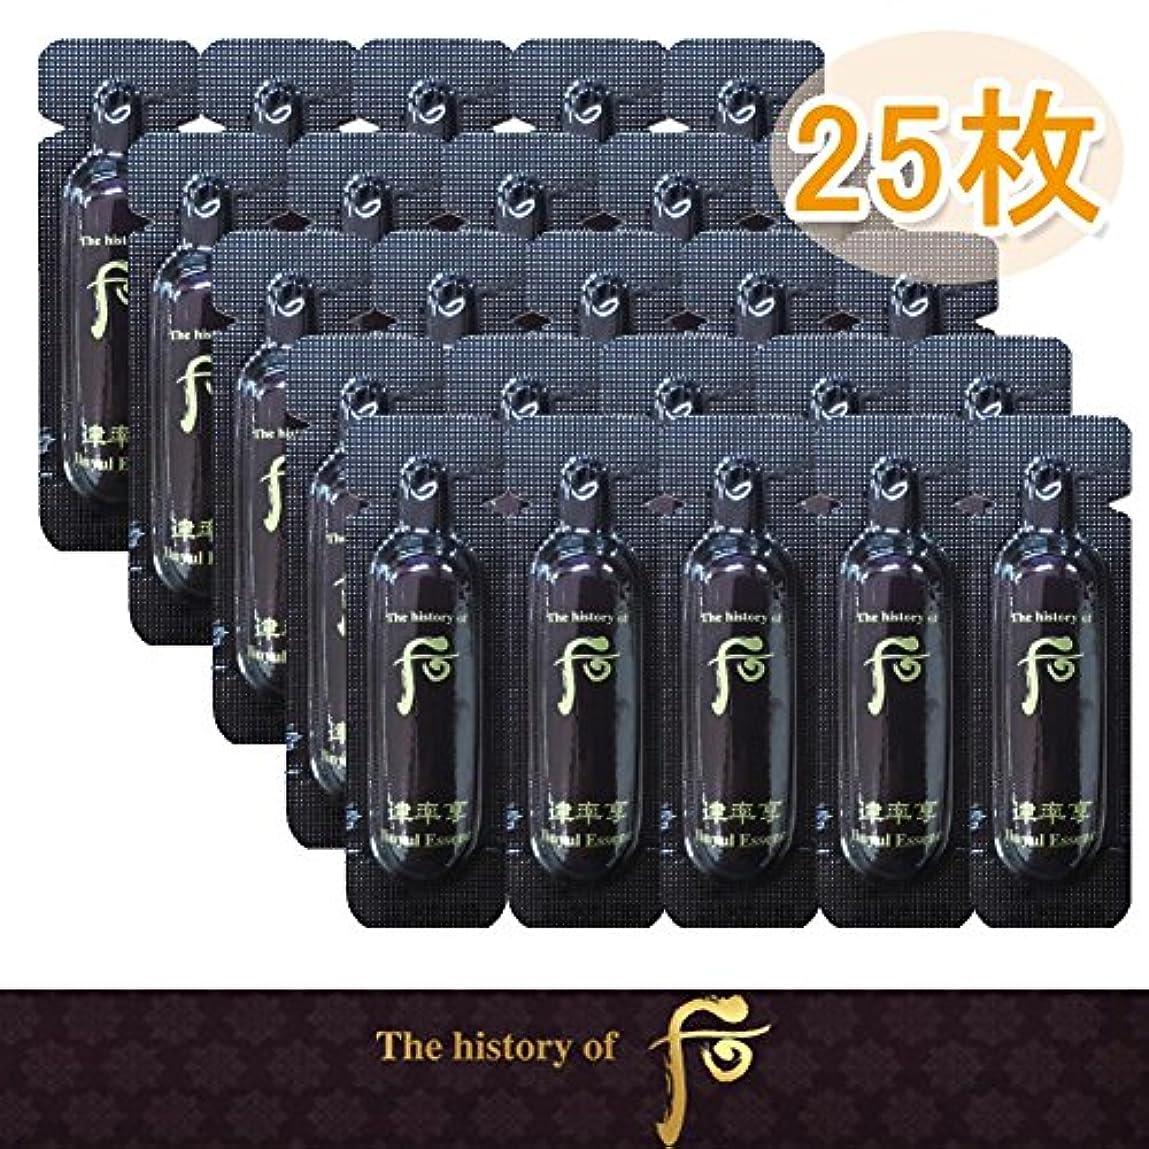 りリテラシー酔って【韓国コスメ オフィThe history of 后 [ドフー]Whoo Jinyul Essence ジンユルエッセンス サンプル 1ml x25枚 25ml+ Sample Gift [海外直送品]